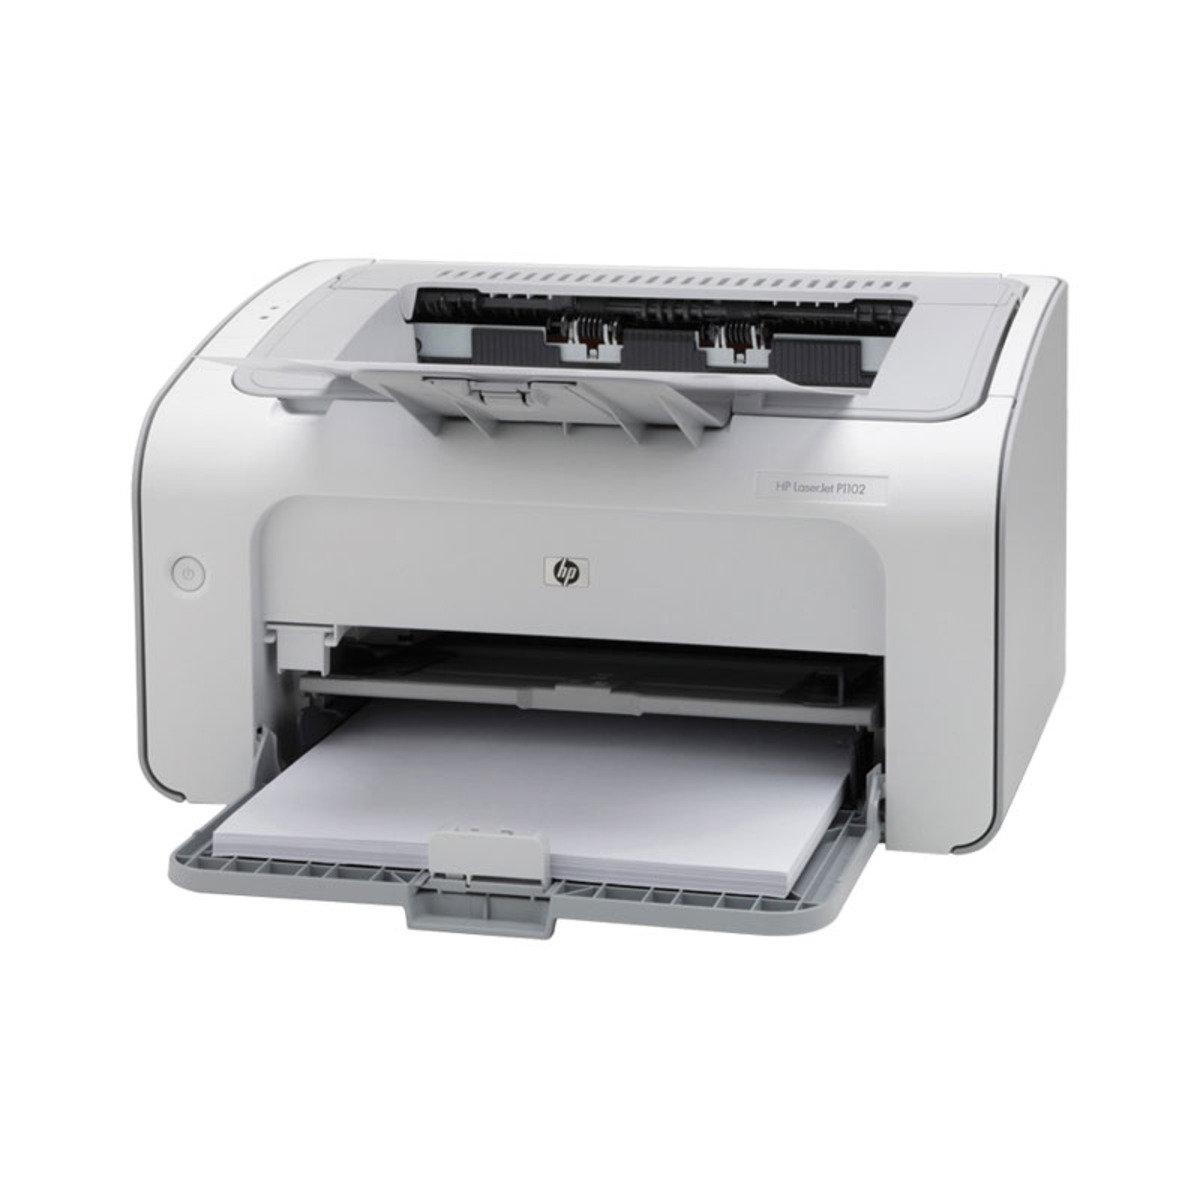 HP Laserjet Pro 個人黑白鐳射打印機 Laserjet Pro P1102